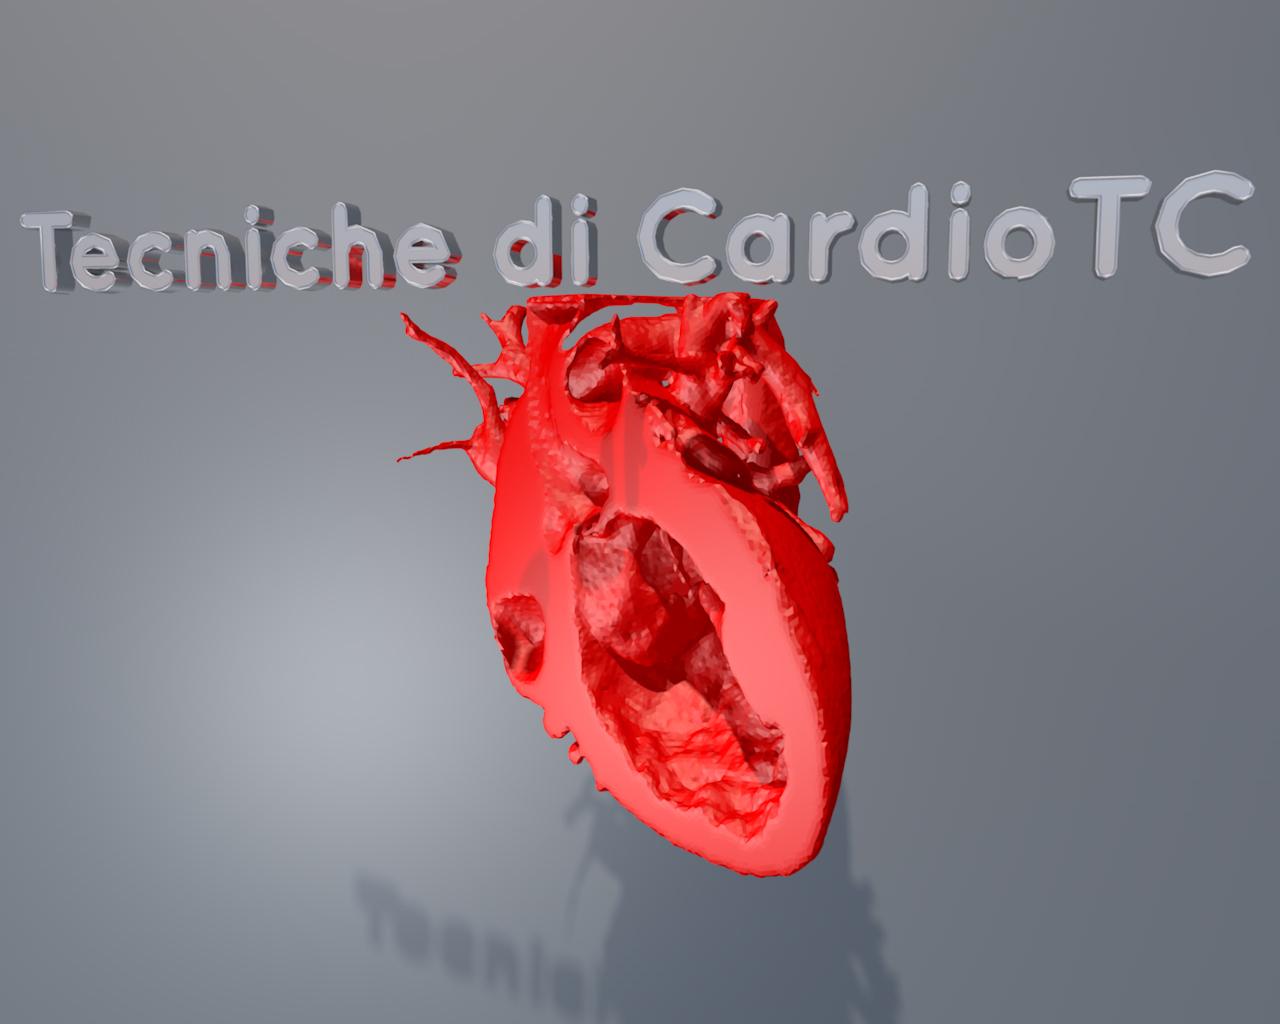 Tecniche di CardioTC